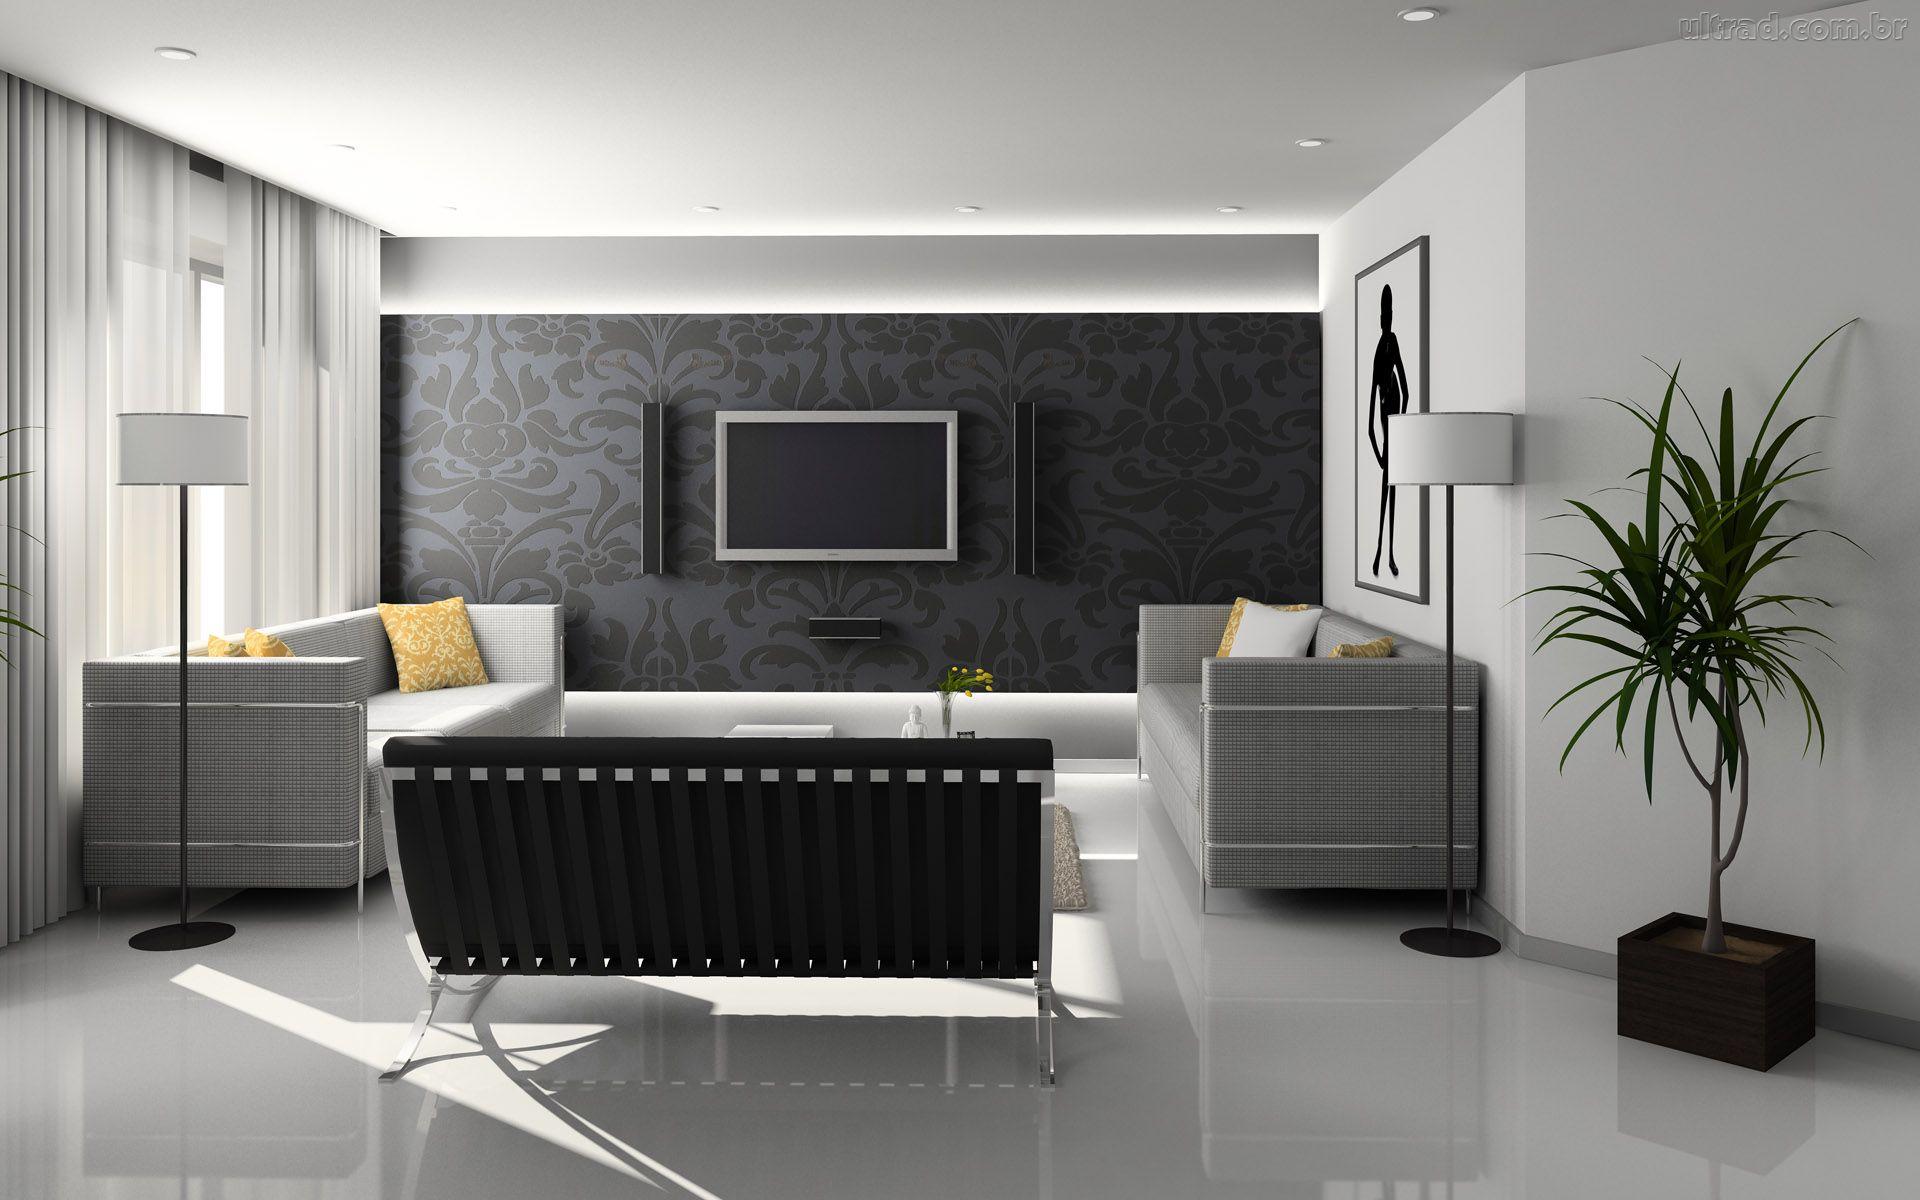 Sala de tv vamos conferir lindas fotos para ver como for Salas de television modernas